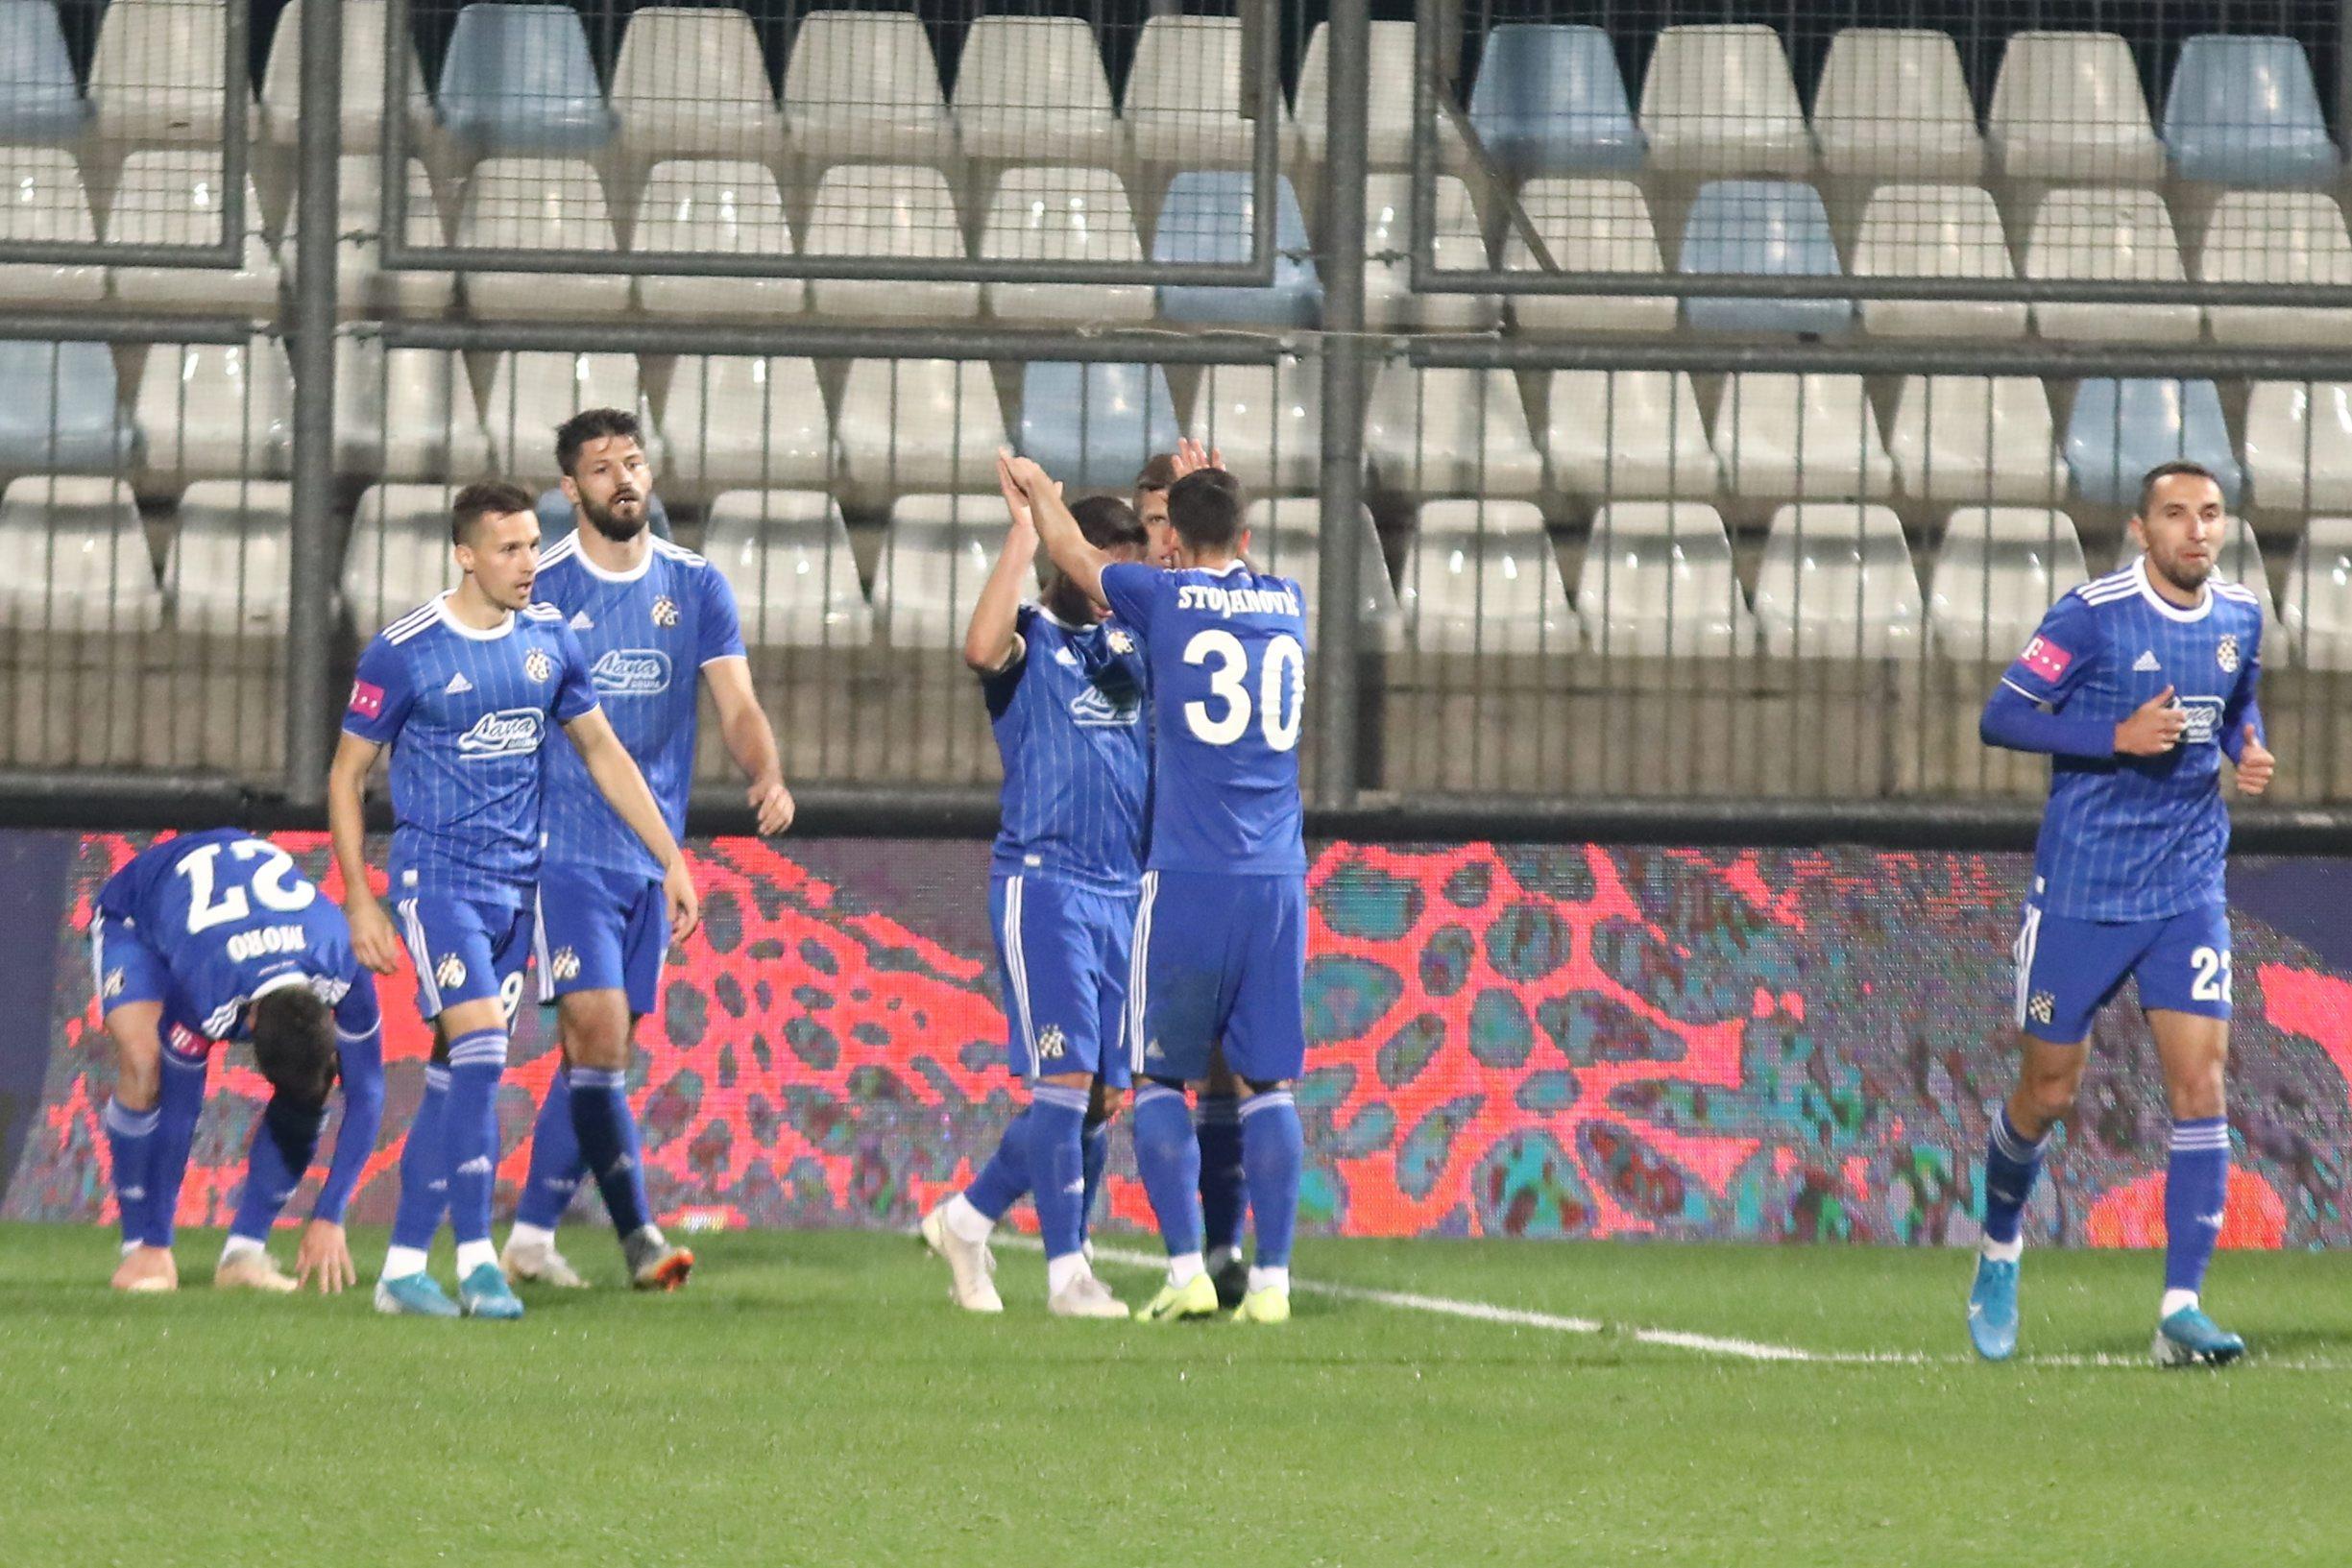 Rijeka, 101119. Stadion Rujevica. HNK Rijeka - Dinamo, 1. HT HNL, 15. kolo. Na fotografiji: slavlje. Foto: Matija Djanjesic / CROPIX